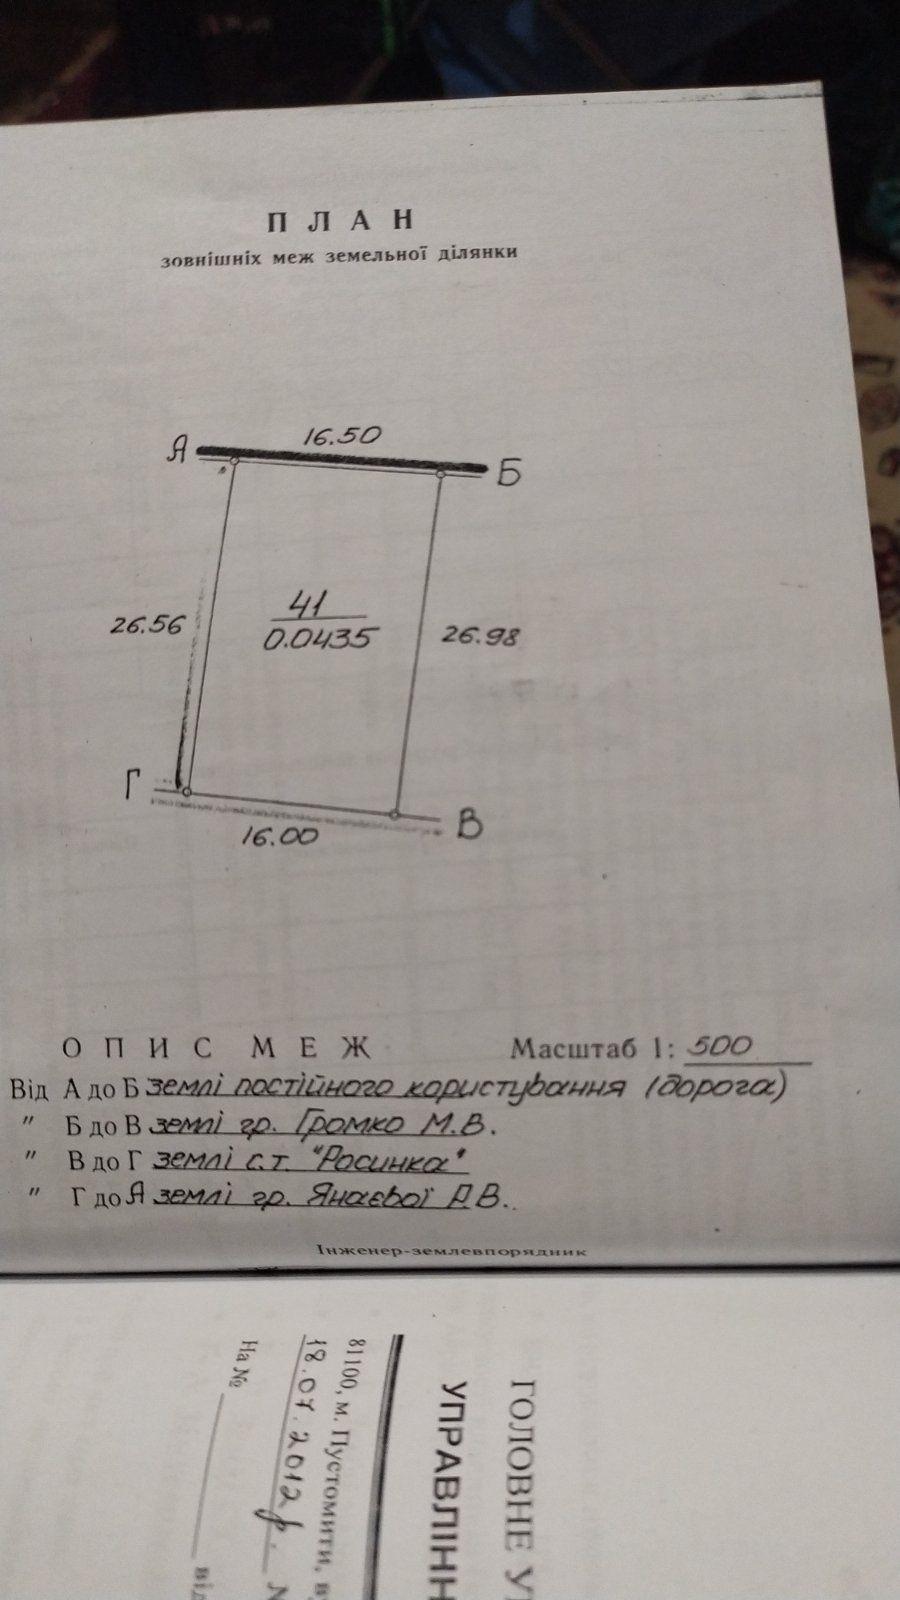 Продам земельну ділянку в смт Рудно 4.35 сотих